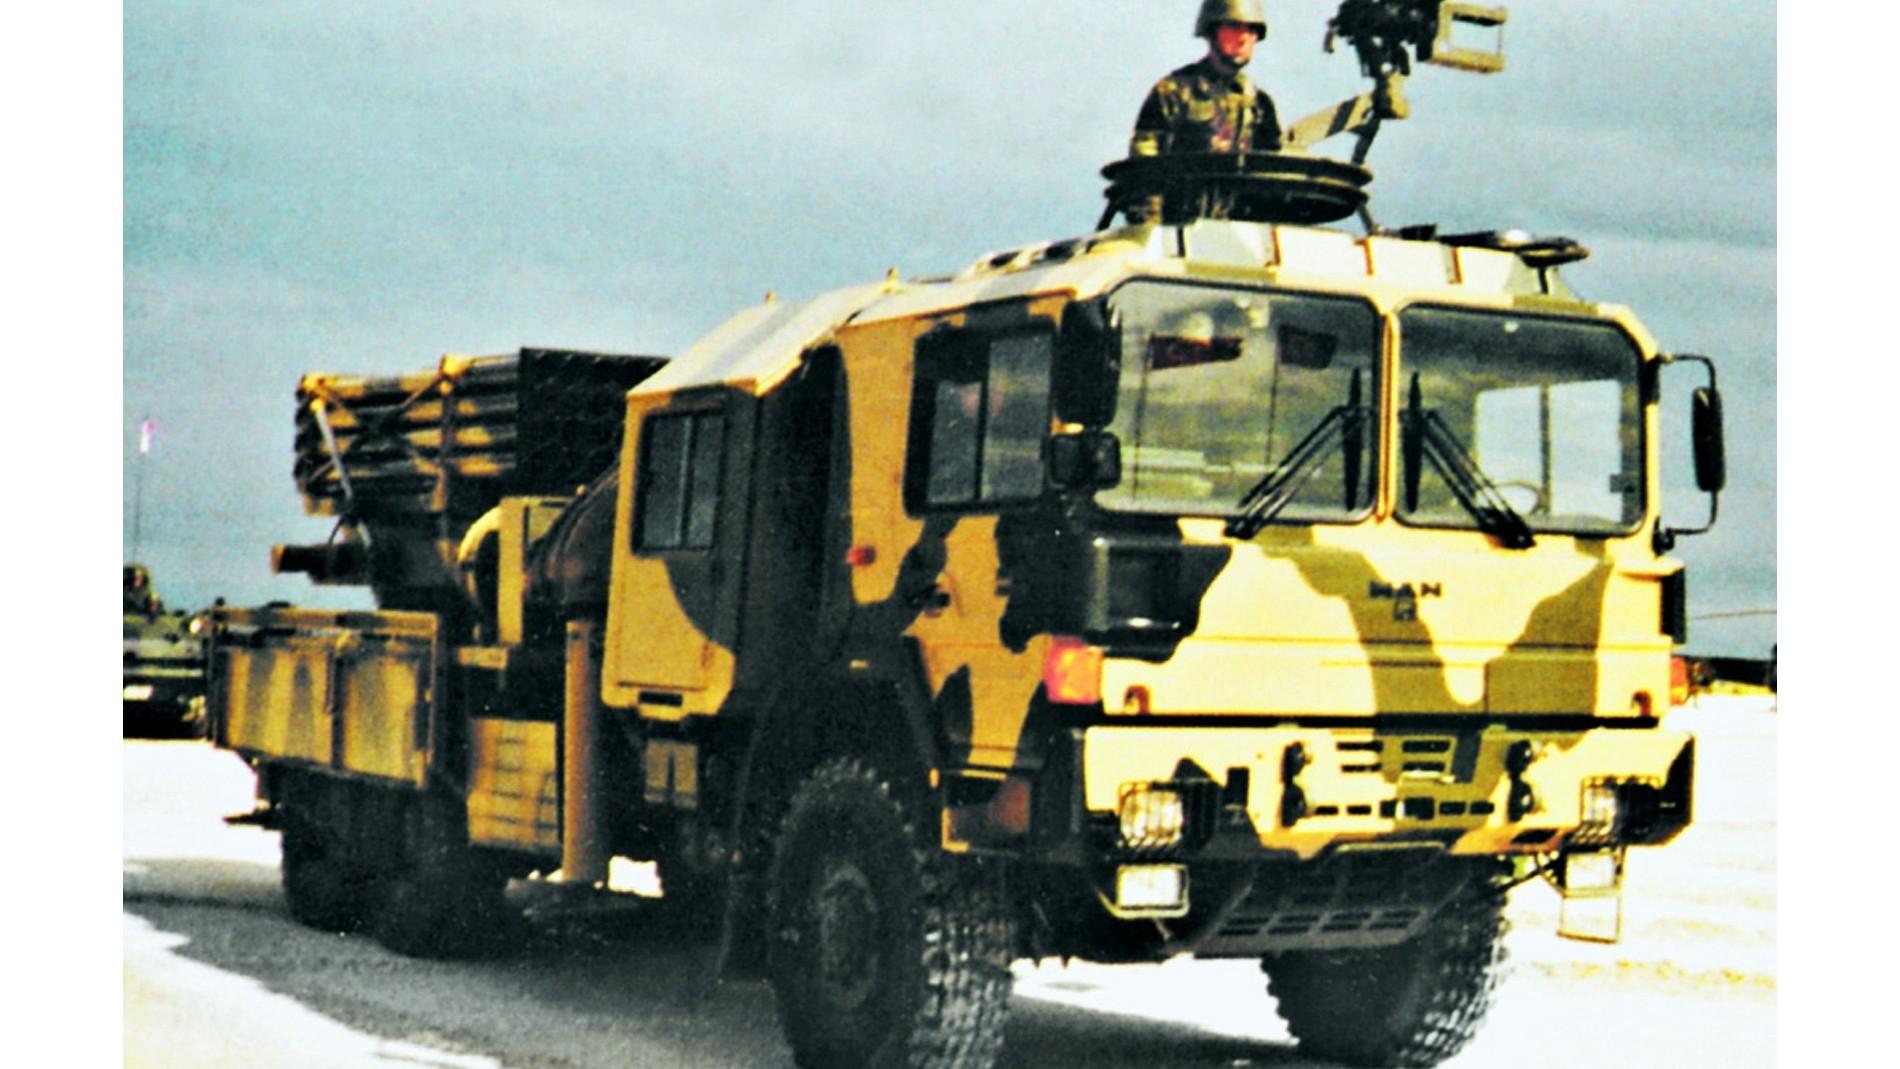 Трехосный автомобиль МАН турецкой сборки с «катюшей» Т-122